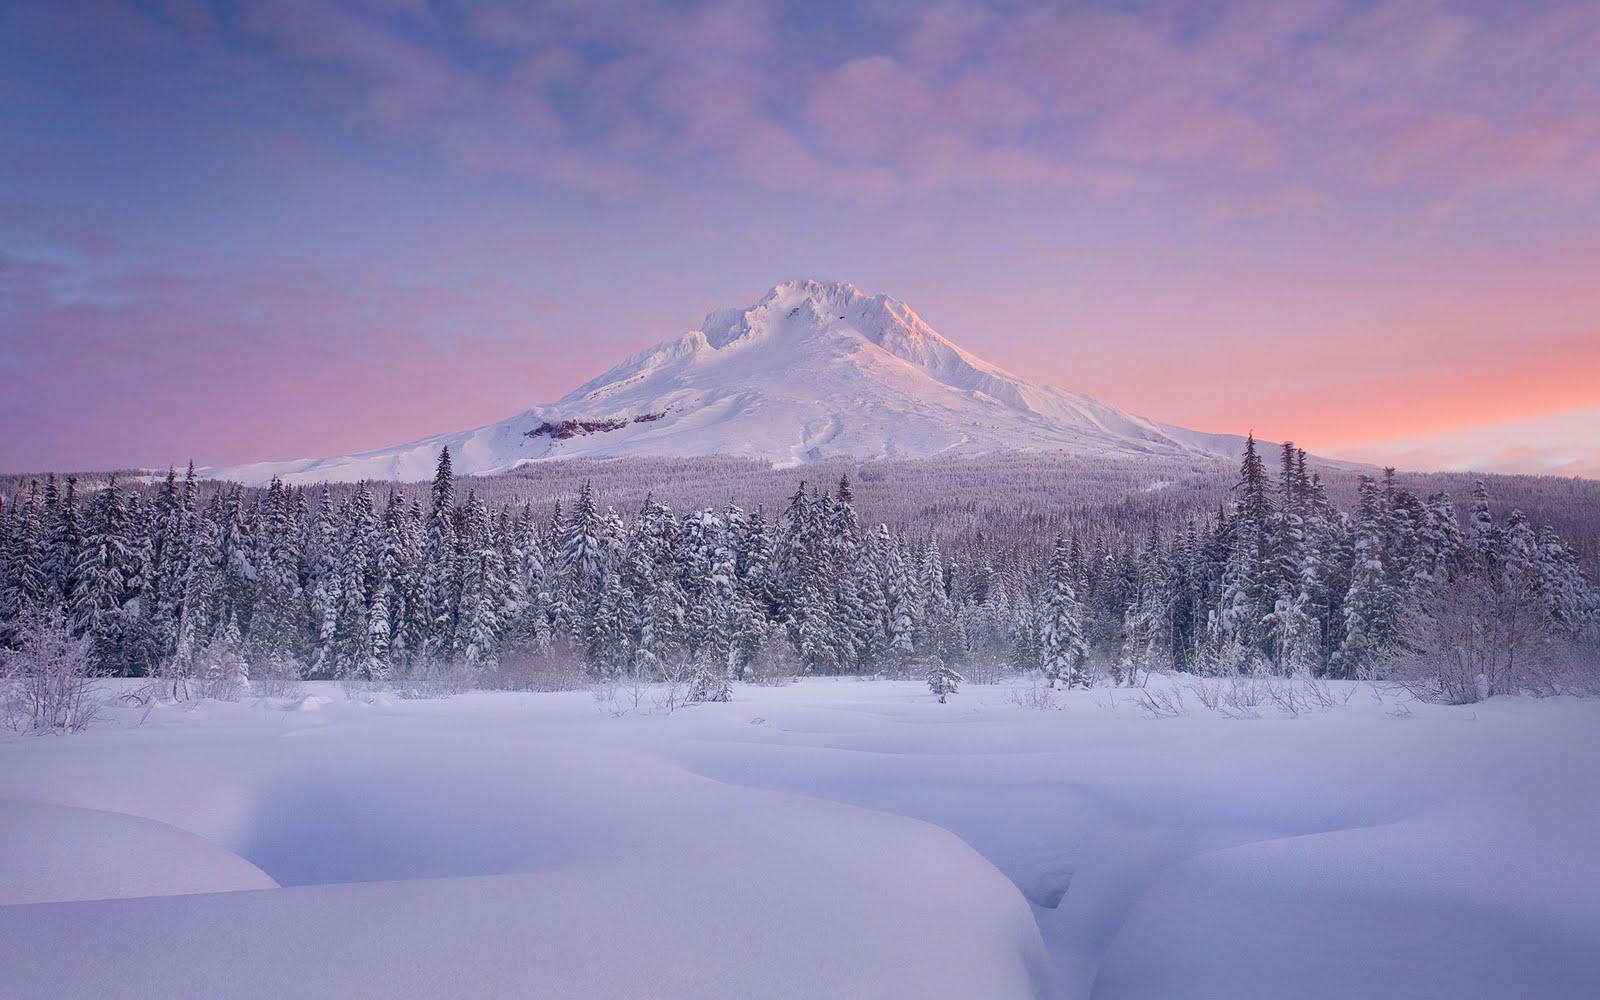 http://3.bp.blogspot.com/_W1ueYt1O3xs/TQqEBUX-fEI/AAAAAAAAXbw/60PGkZldNbU/d/Winter+Landscape+Wallpapers+%252811%2529.jpg